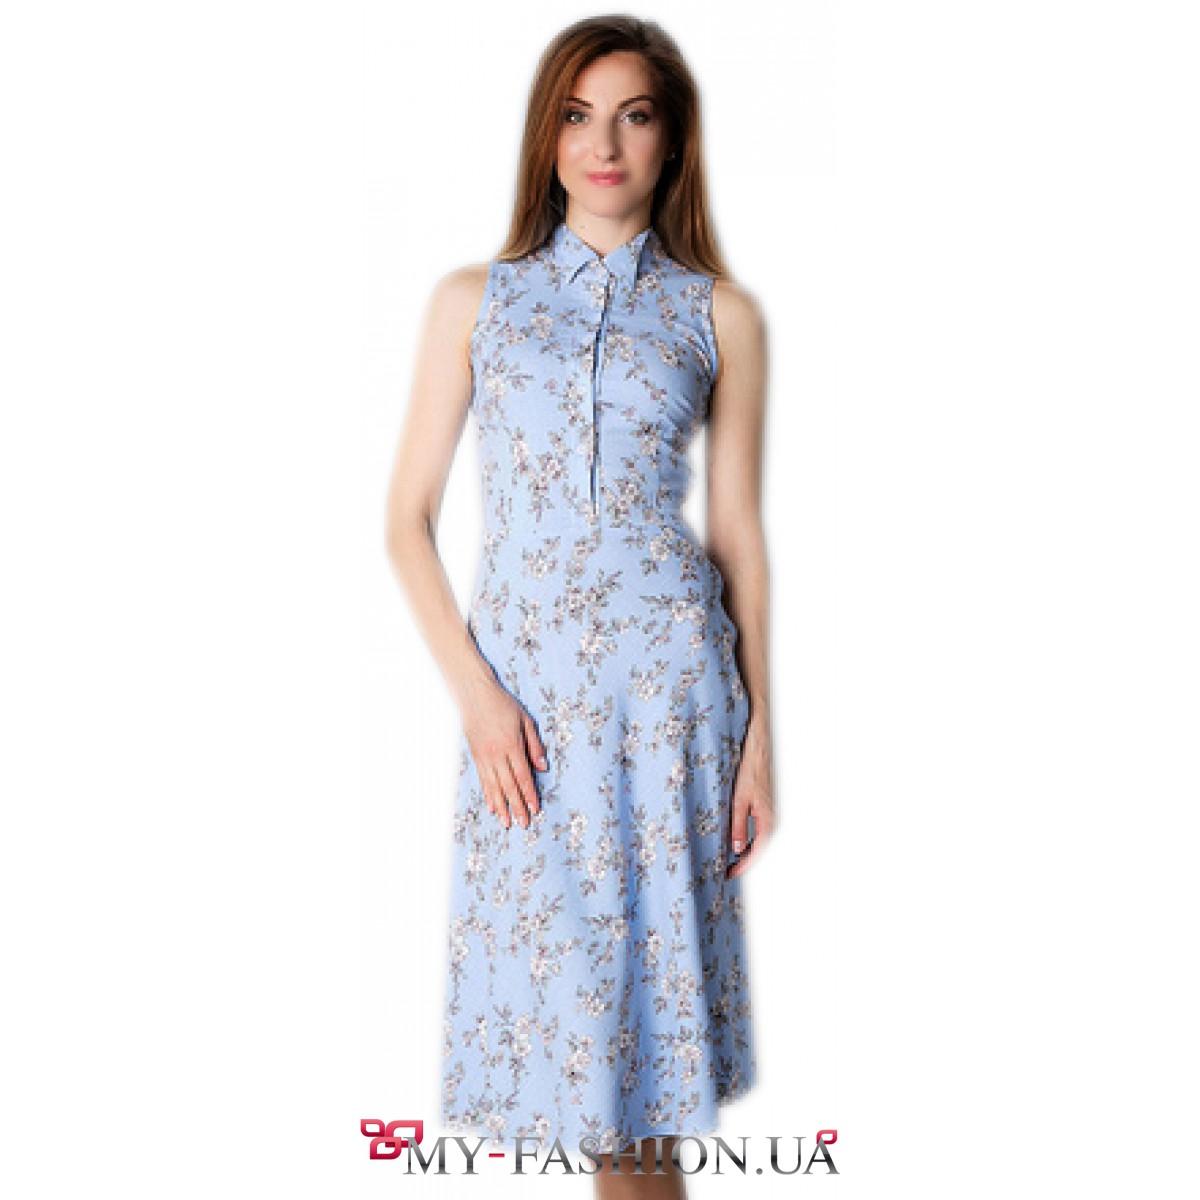 2998a68ea153 Голубое платье-рубашка из натурального льна купить в интернет ...